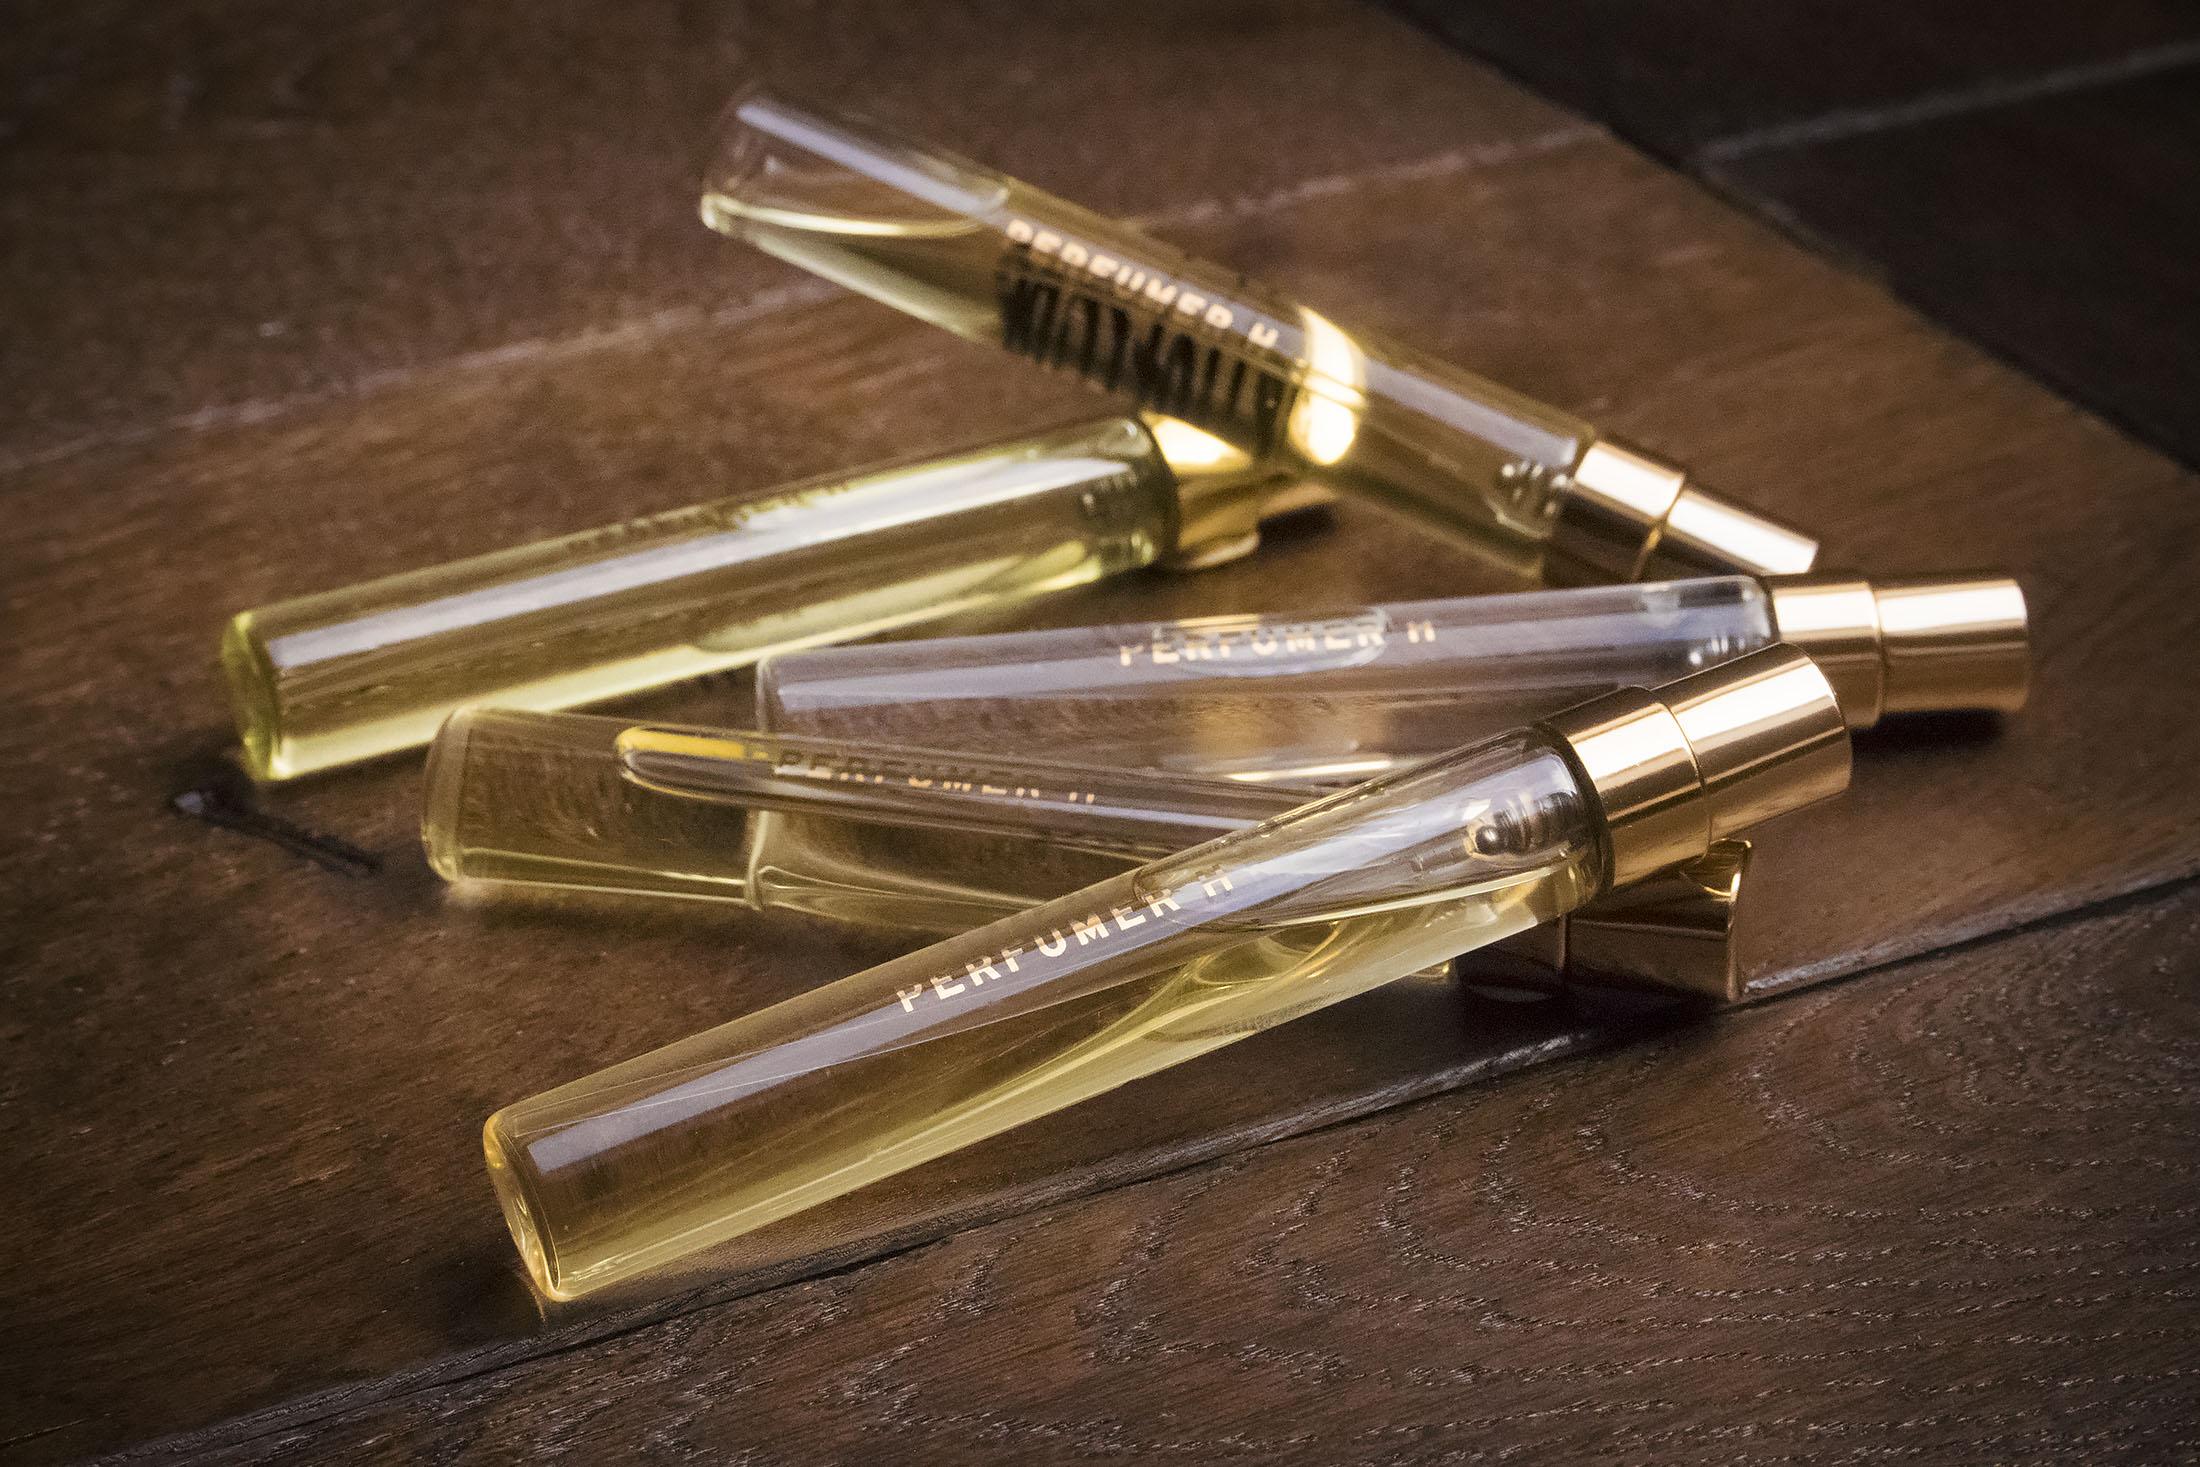 Perfumer H by Lyn Harris